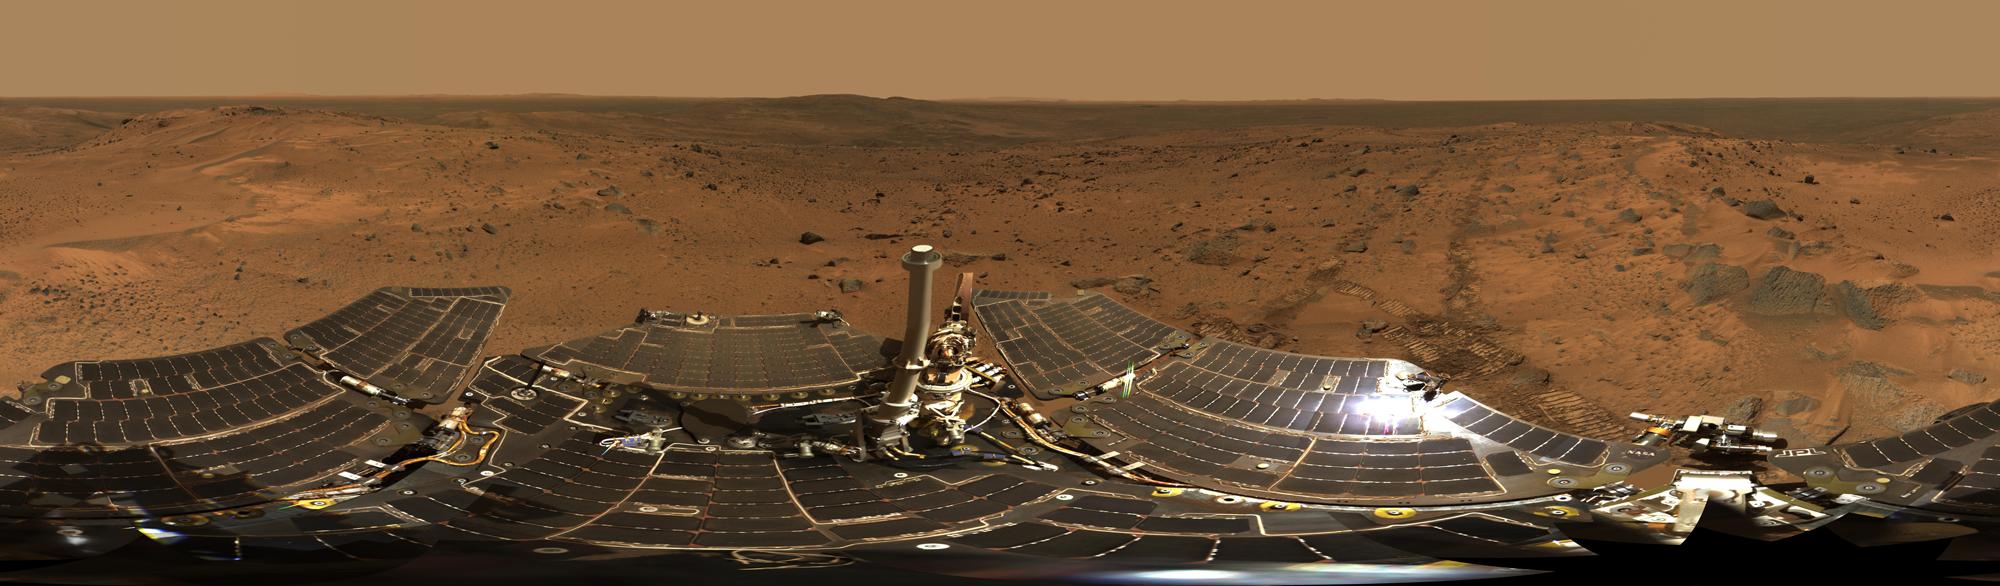 10 years on Mars